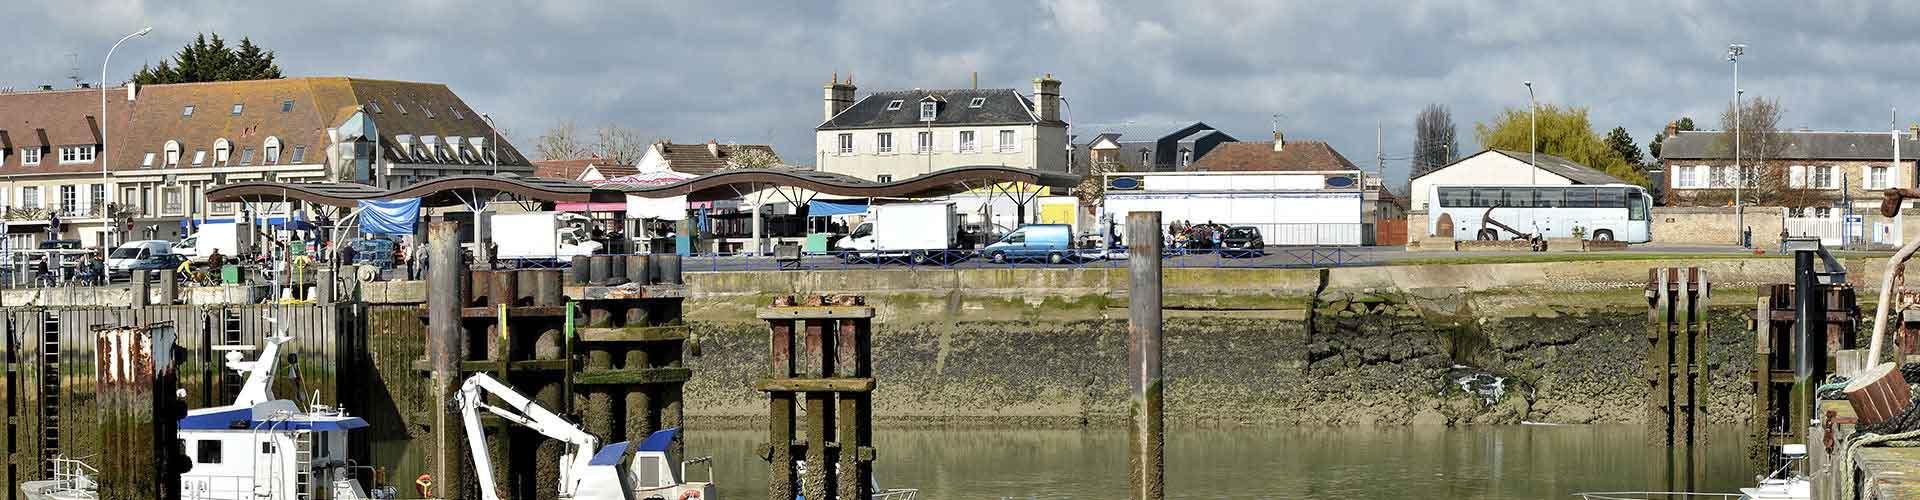 Ouistreham - Hostales en Ouistreham. Mapas de Ouistreham, Fotos y comentarios de cada Hostal en Ouistreham.